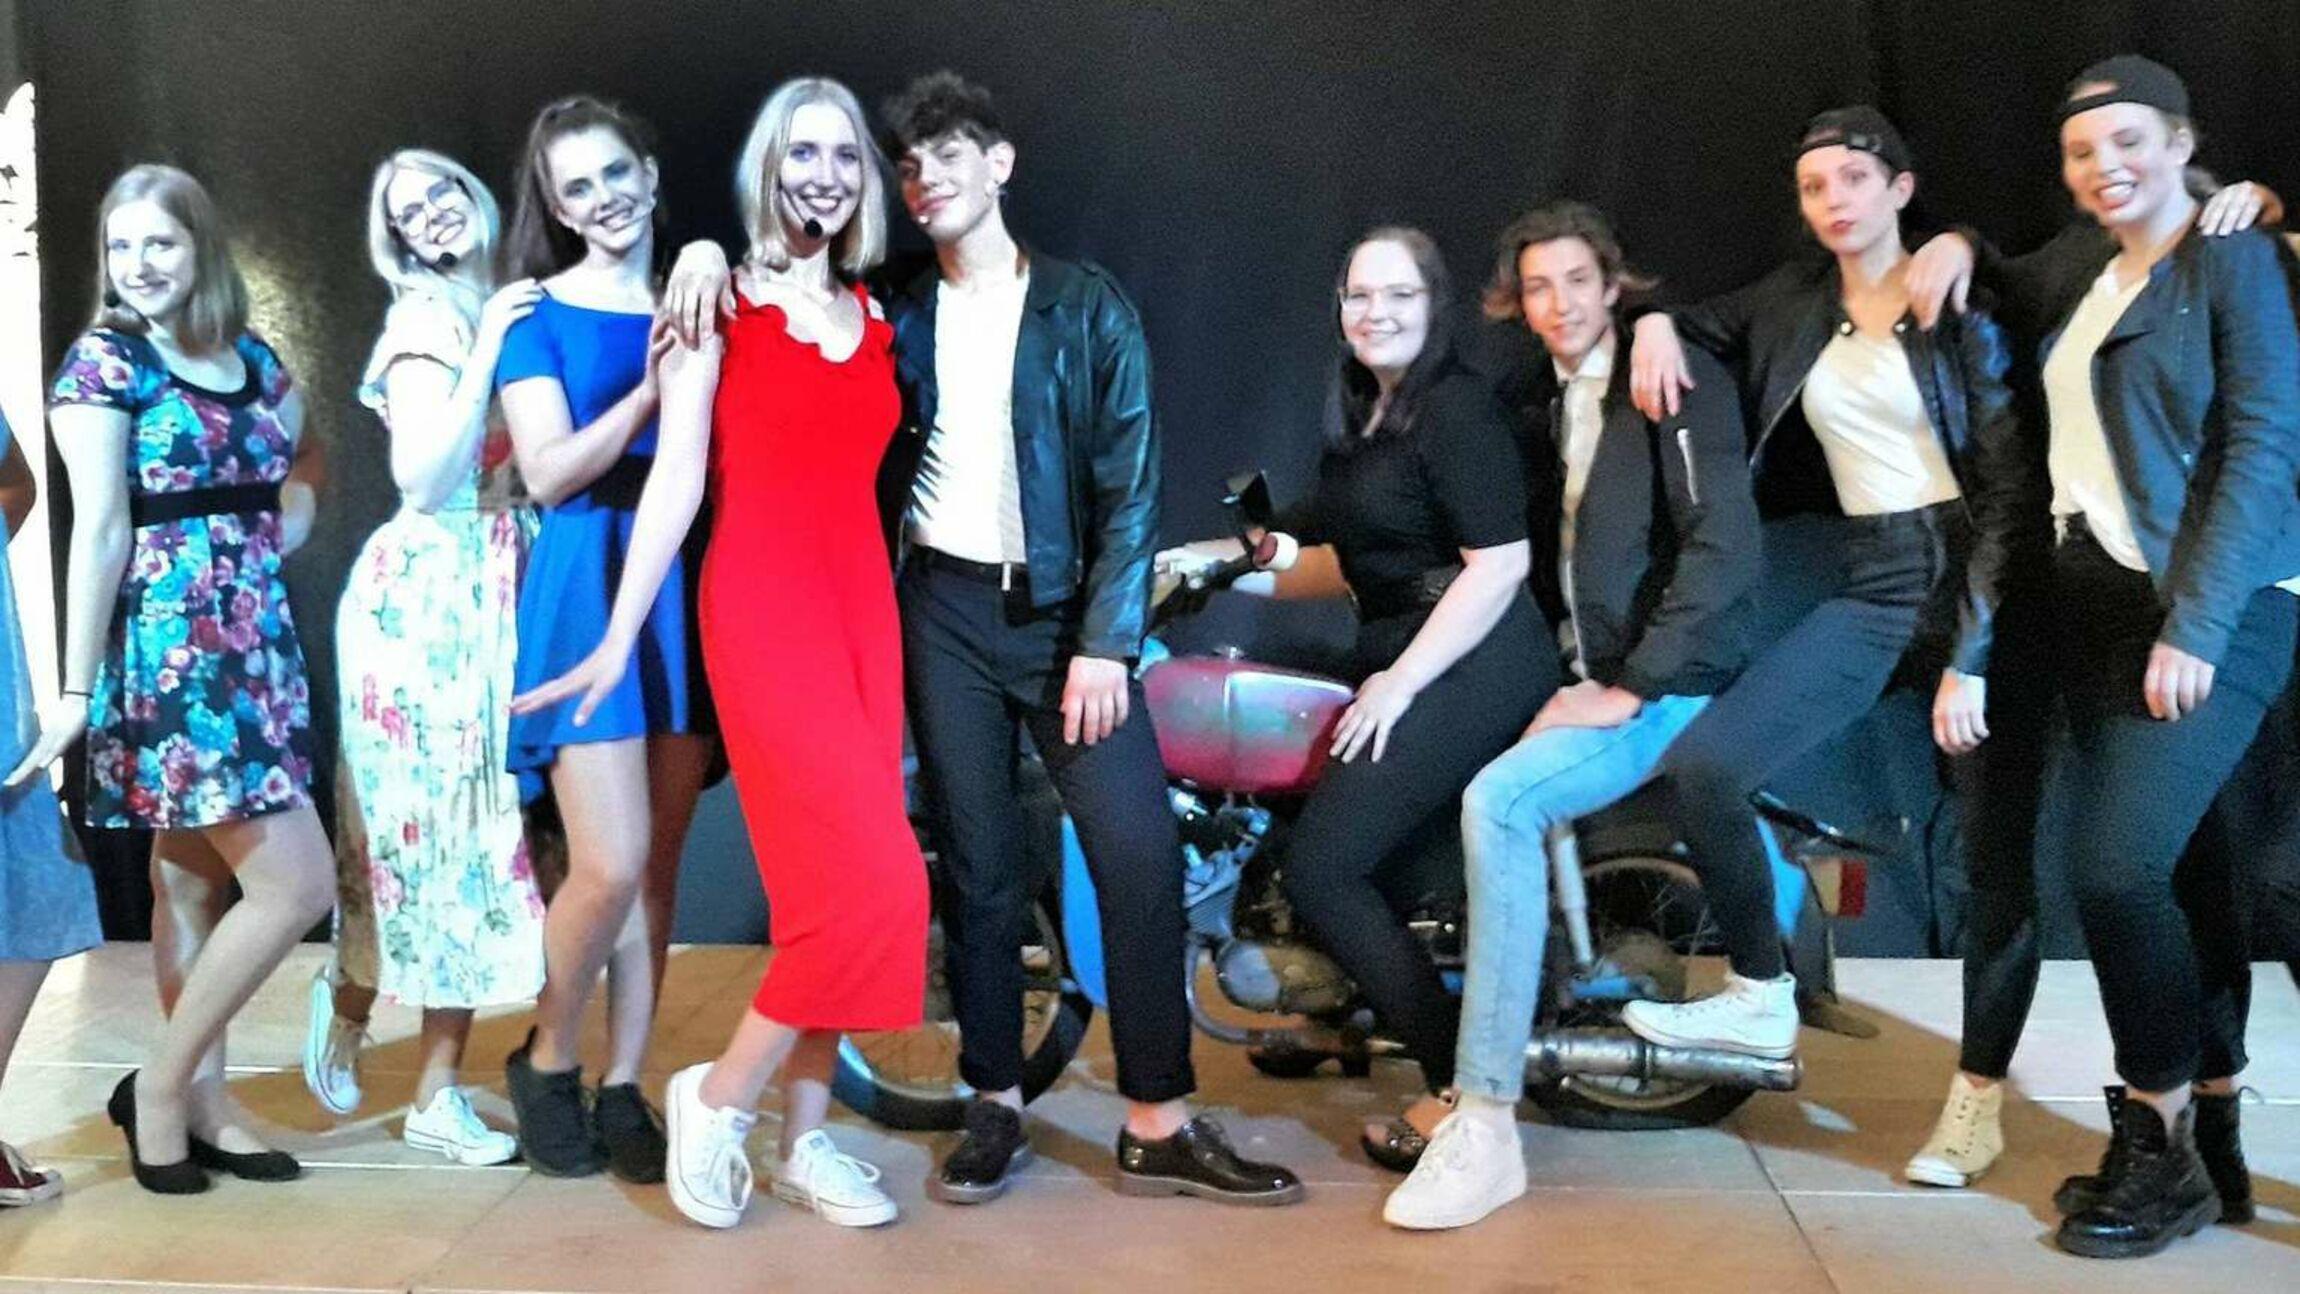 19-01.07.2019Kreiszeitung Konzert Feelings2019